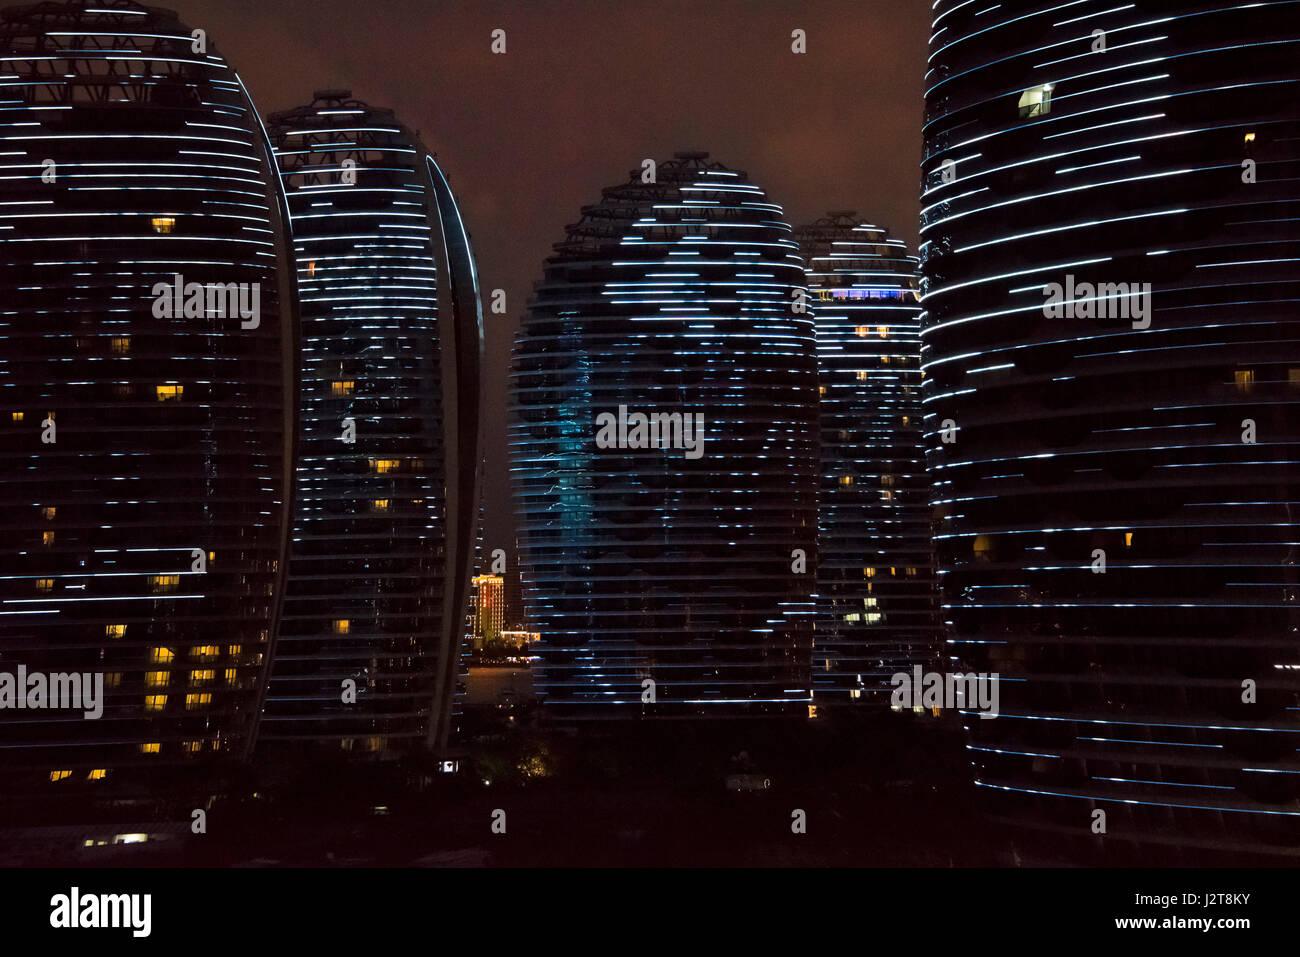 Vue horizontale de la lumière l'affichage à la Phoenix Island resort de Sanya, sur l'île de Hainan, Chine. Banque D'Images